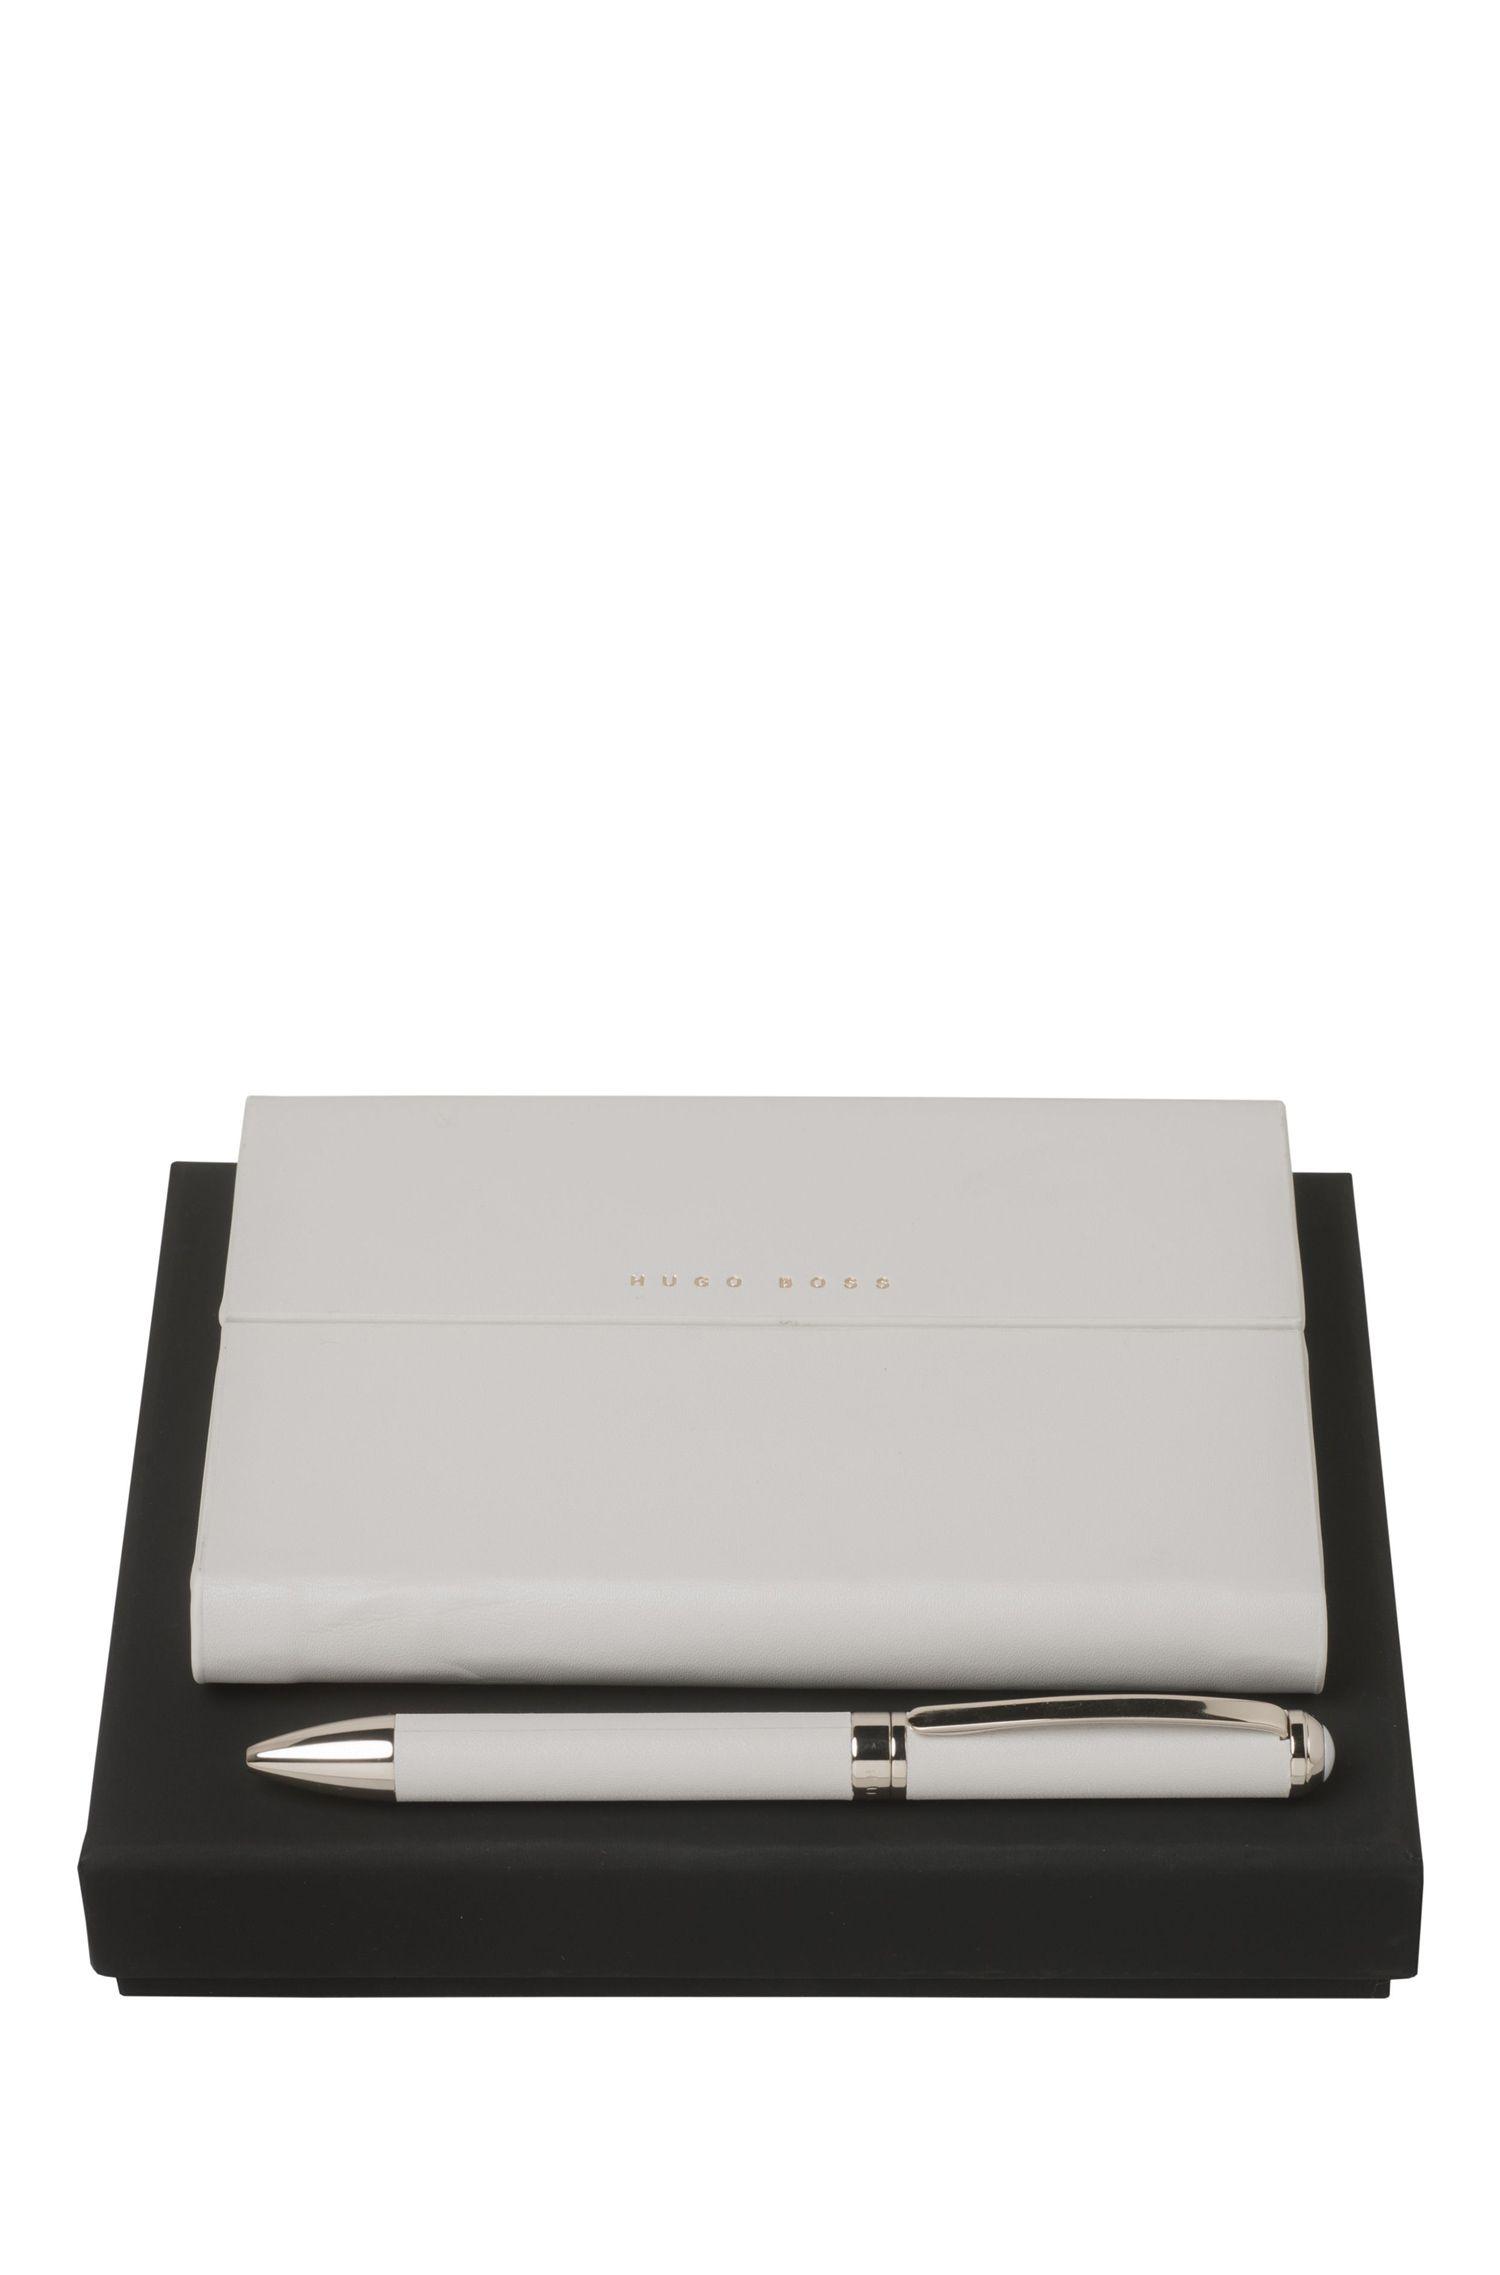 'HPBM606K' | Verse Ballpoint Pen, Notebook Set